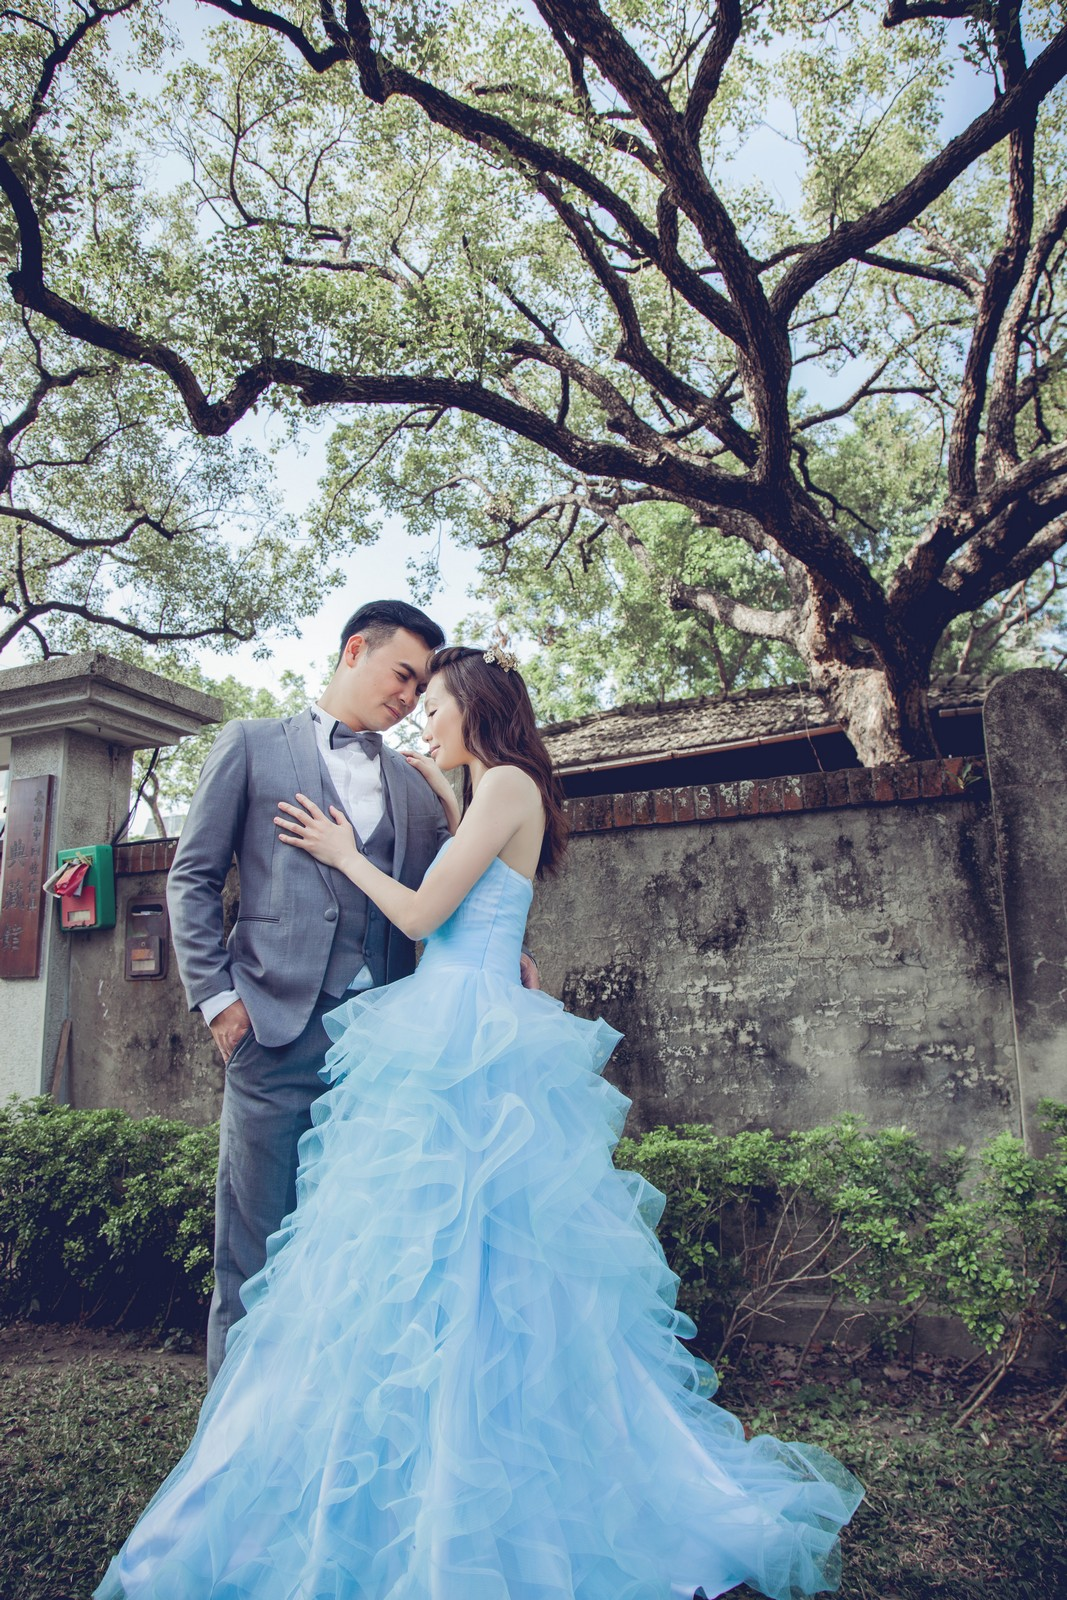 自助婚紗,自主婚紗推薦,台南 自助婚紗,tn22